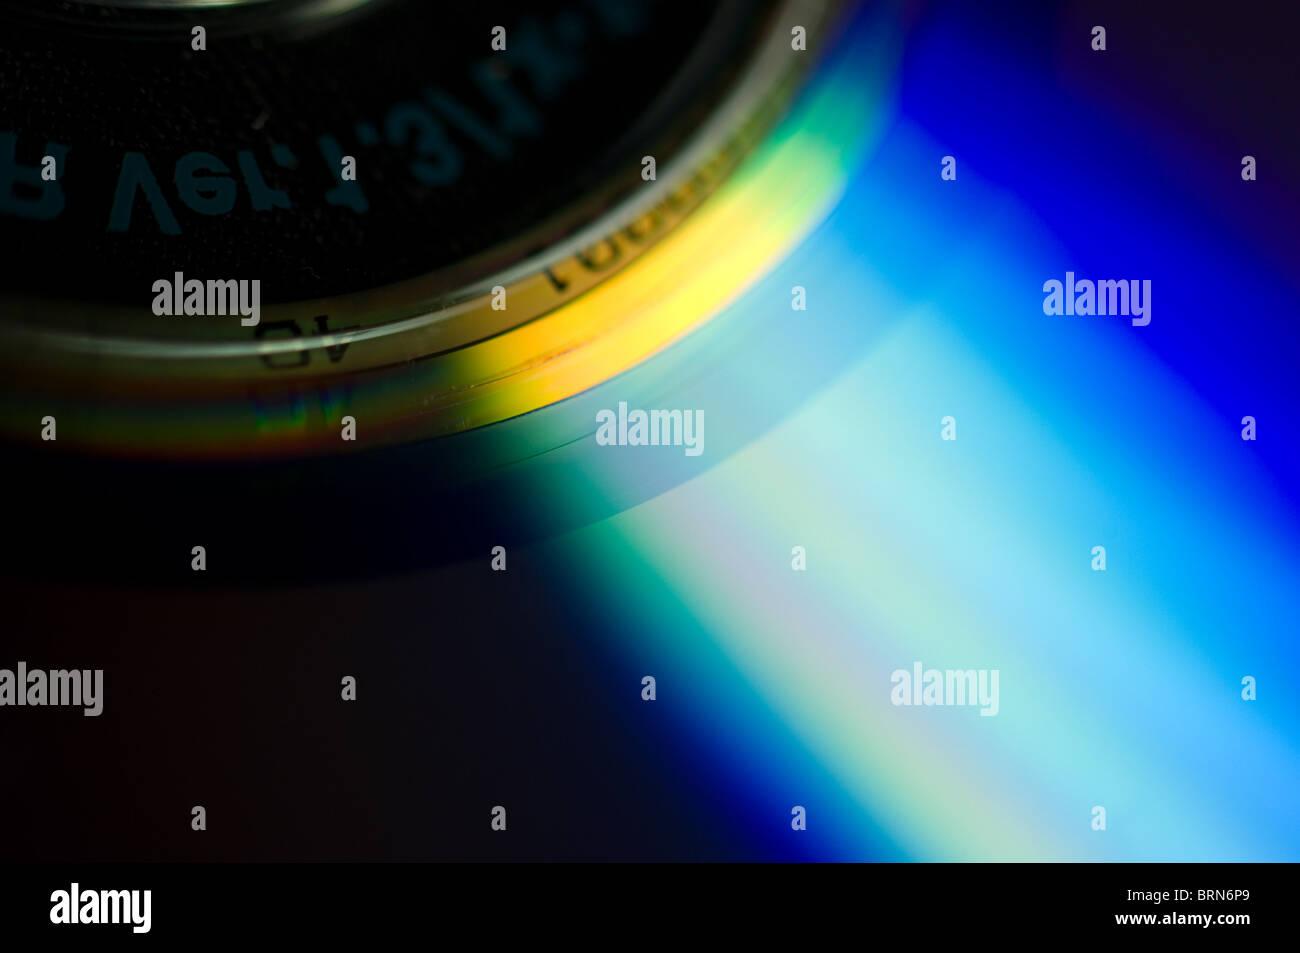 Réfraction de la lumière sur un disque Photo Stock